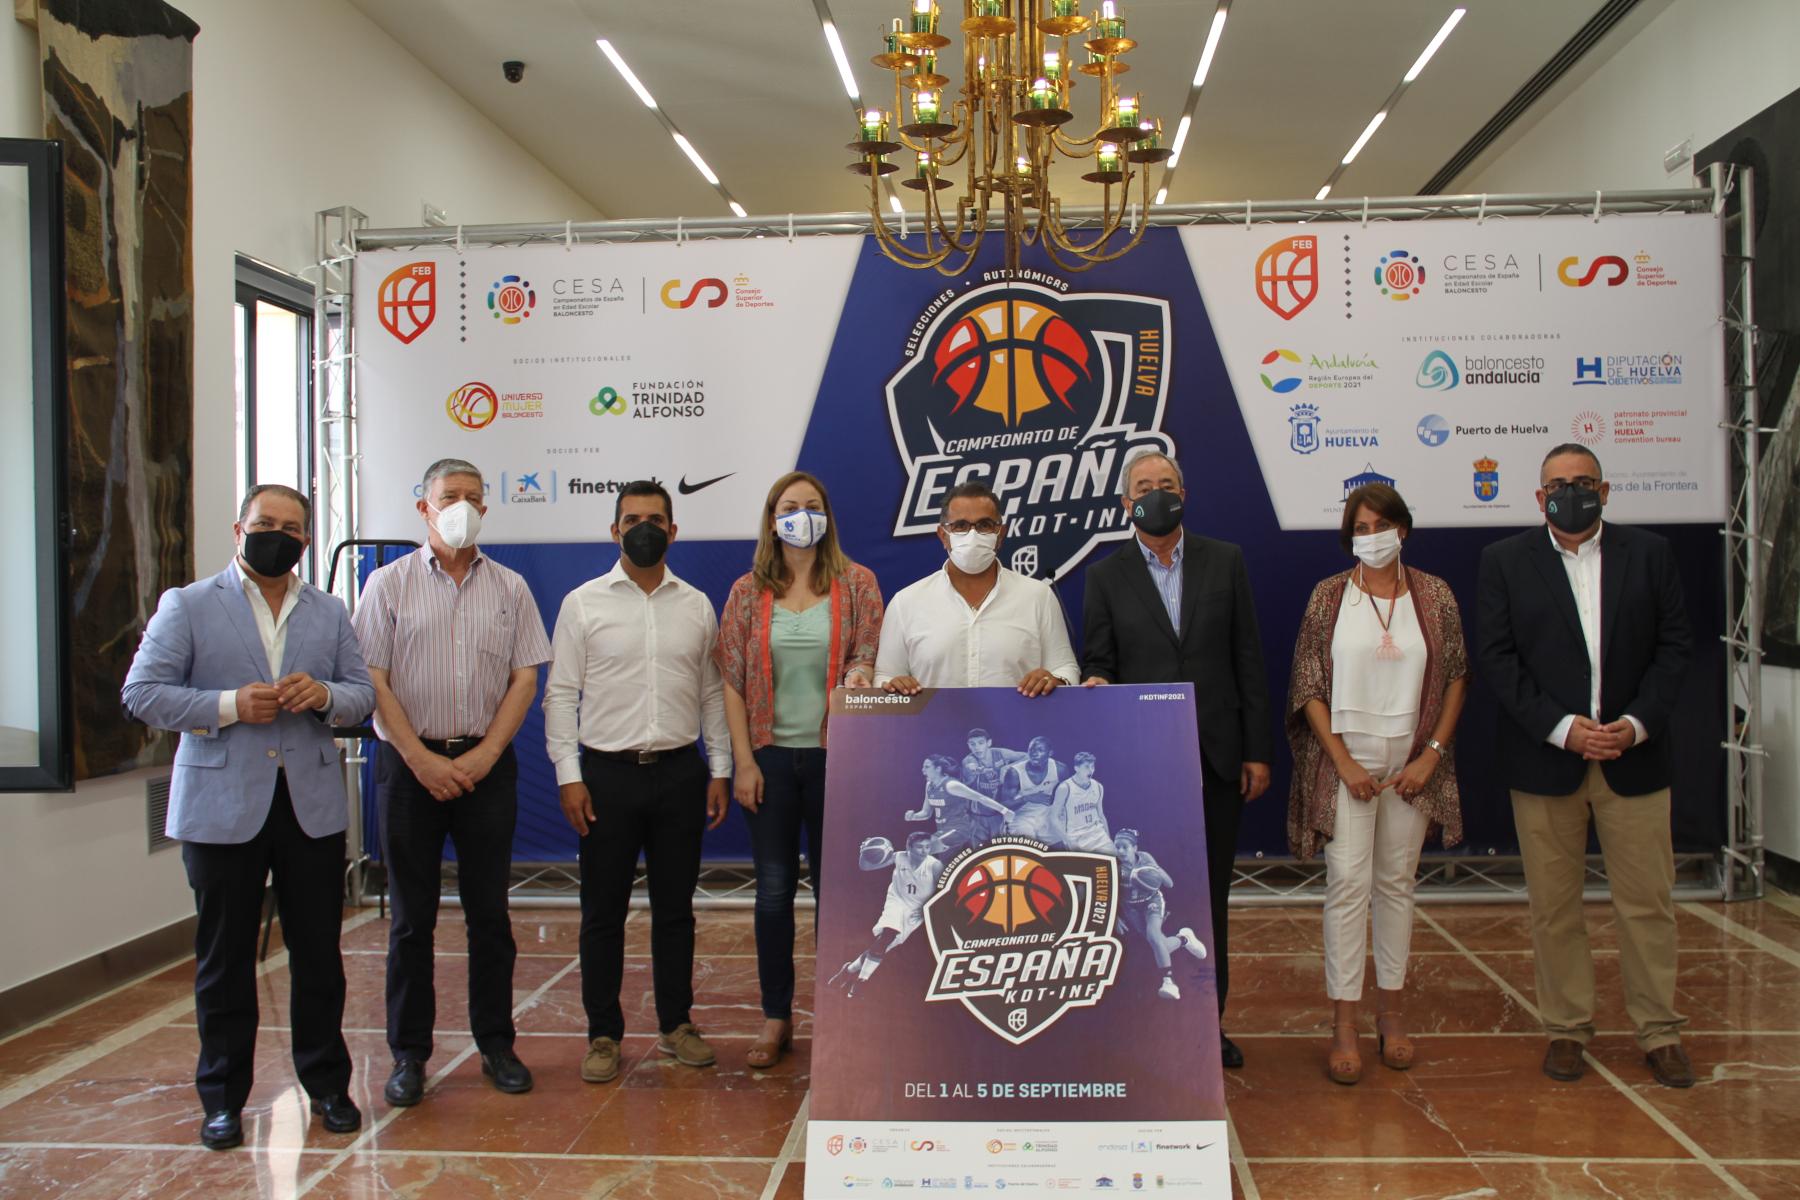 Huelva acoge del 1 al 5 de septiembre el Campeonato de España de Baloncesto de selecciones autonómicas infantil y cadete